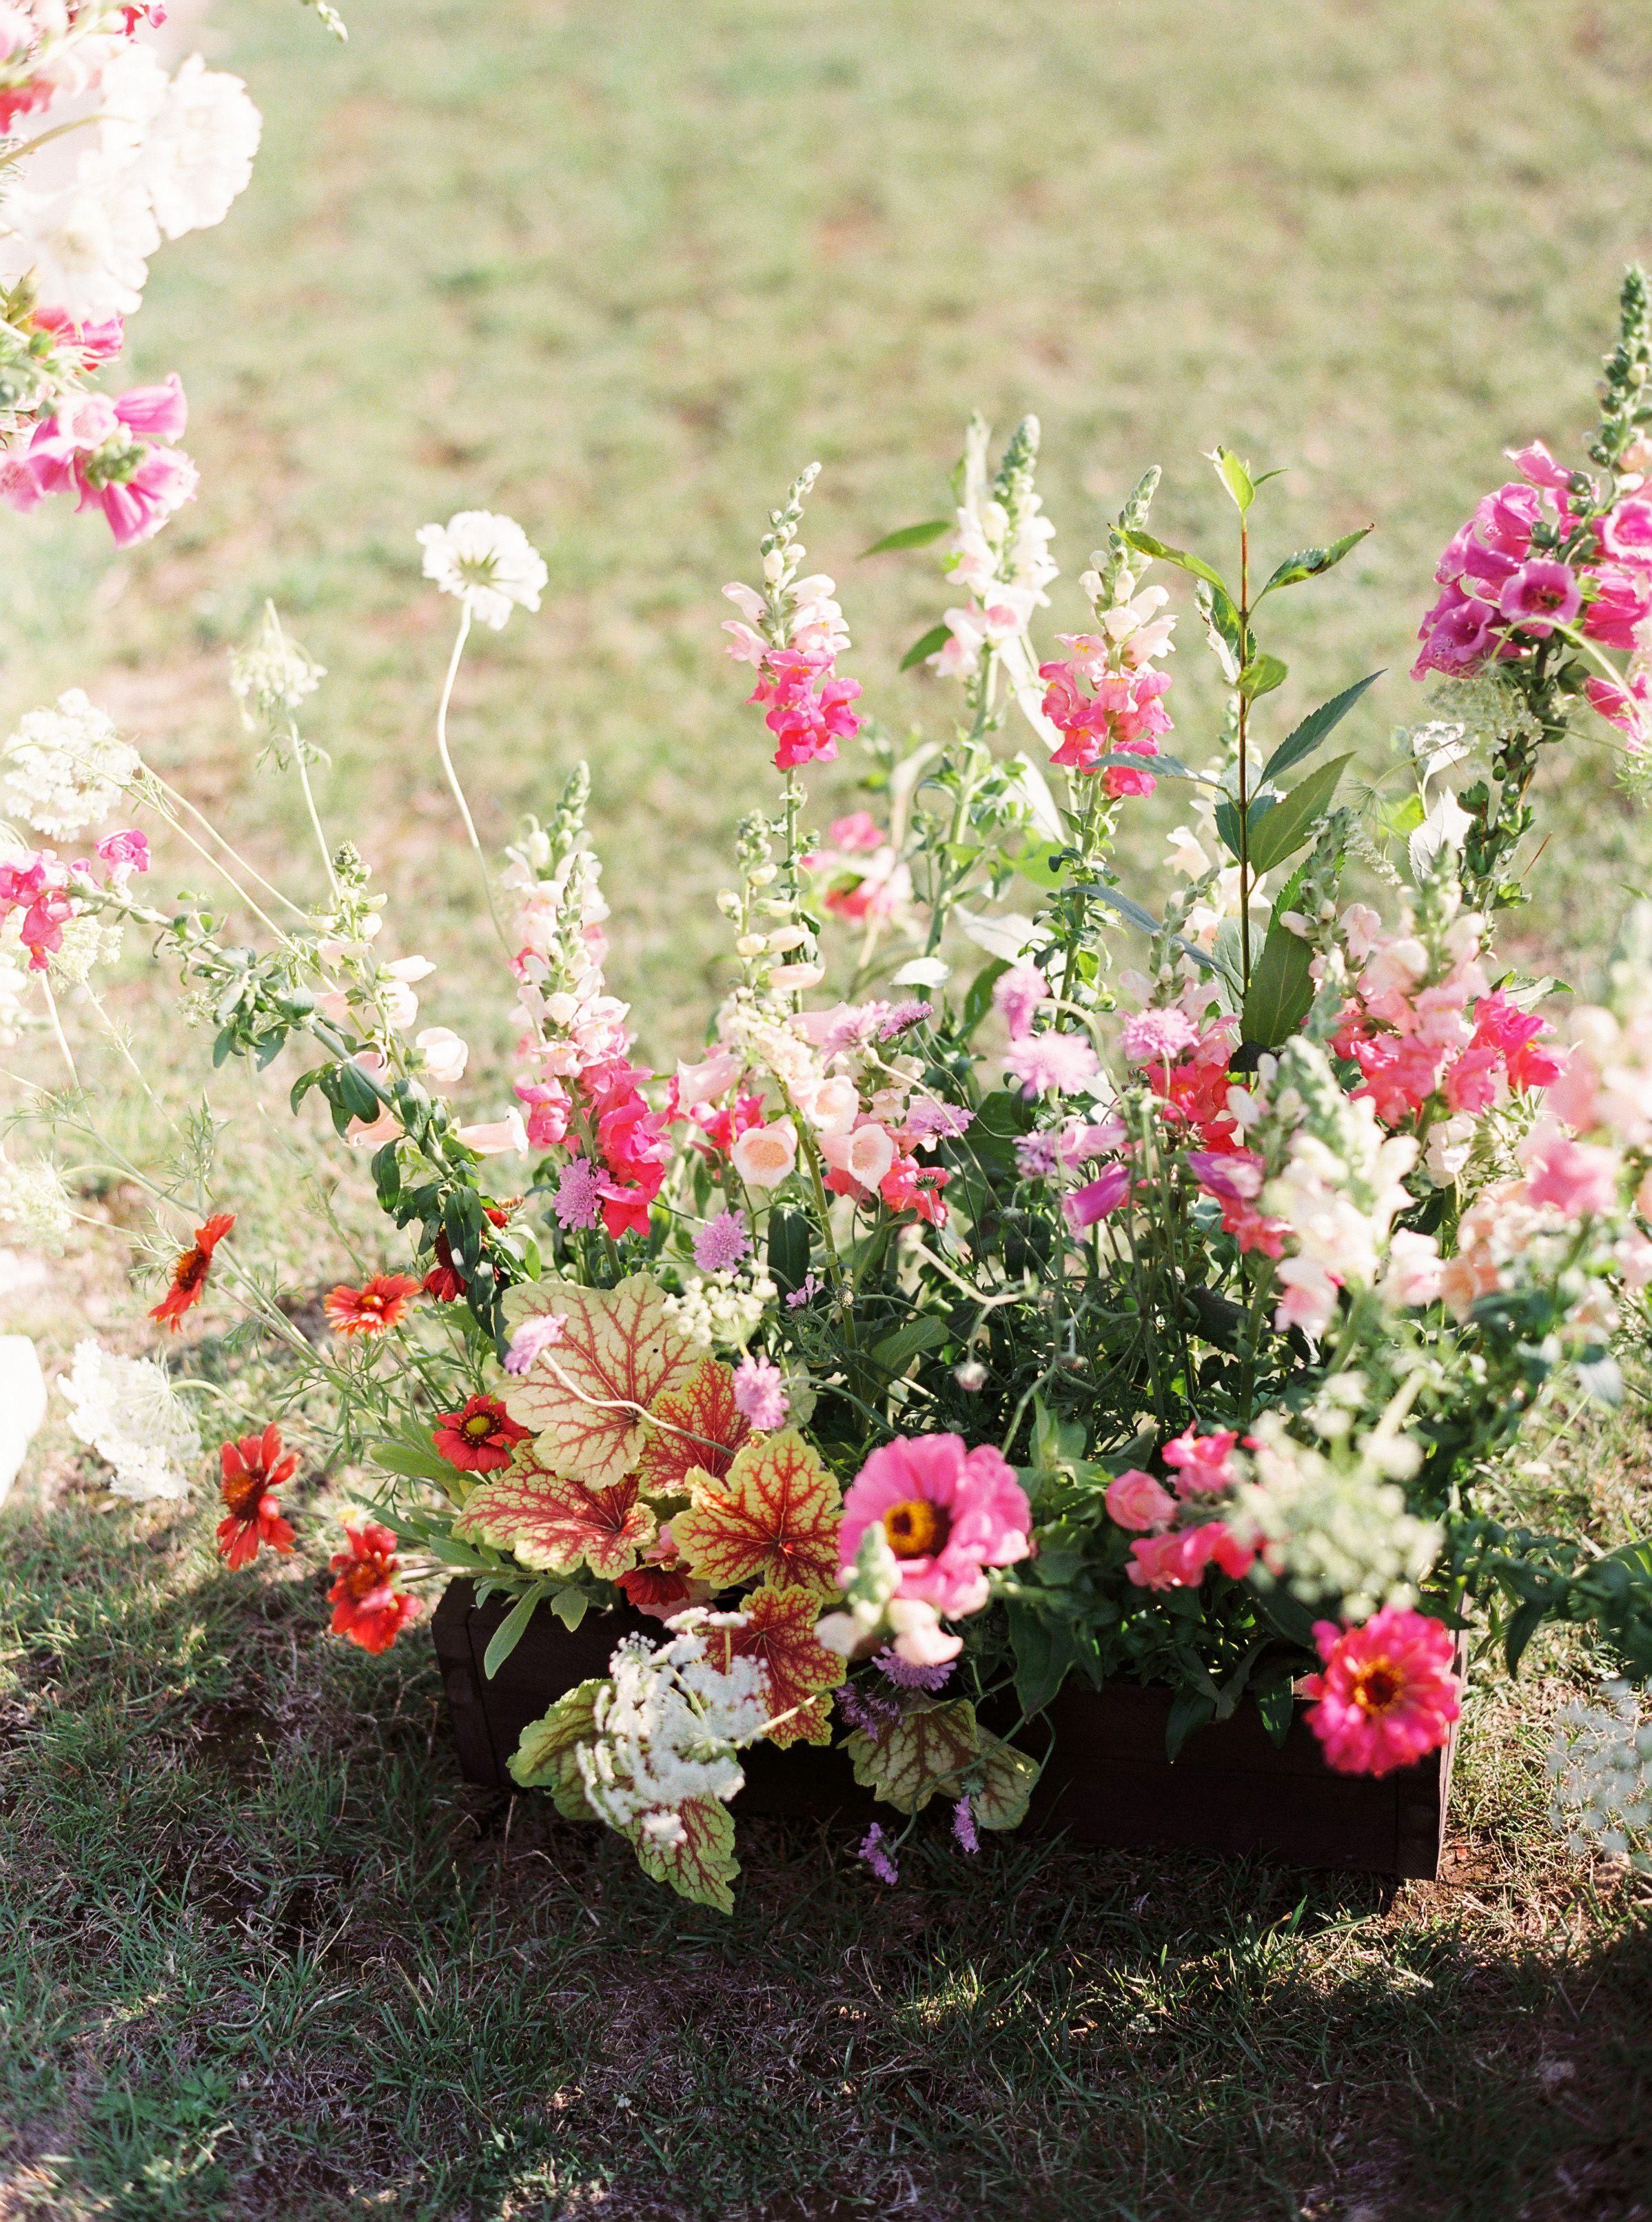 Majowe Inspiracje Czyli Bukiety Slubne Z Konwaliami Biale Inspiracje Lily Of The Valley Bouquet Lily Of The Valley Wedding Bouquet Colorful Wedding Bouquet